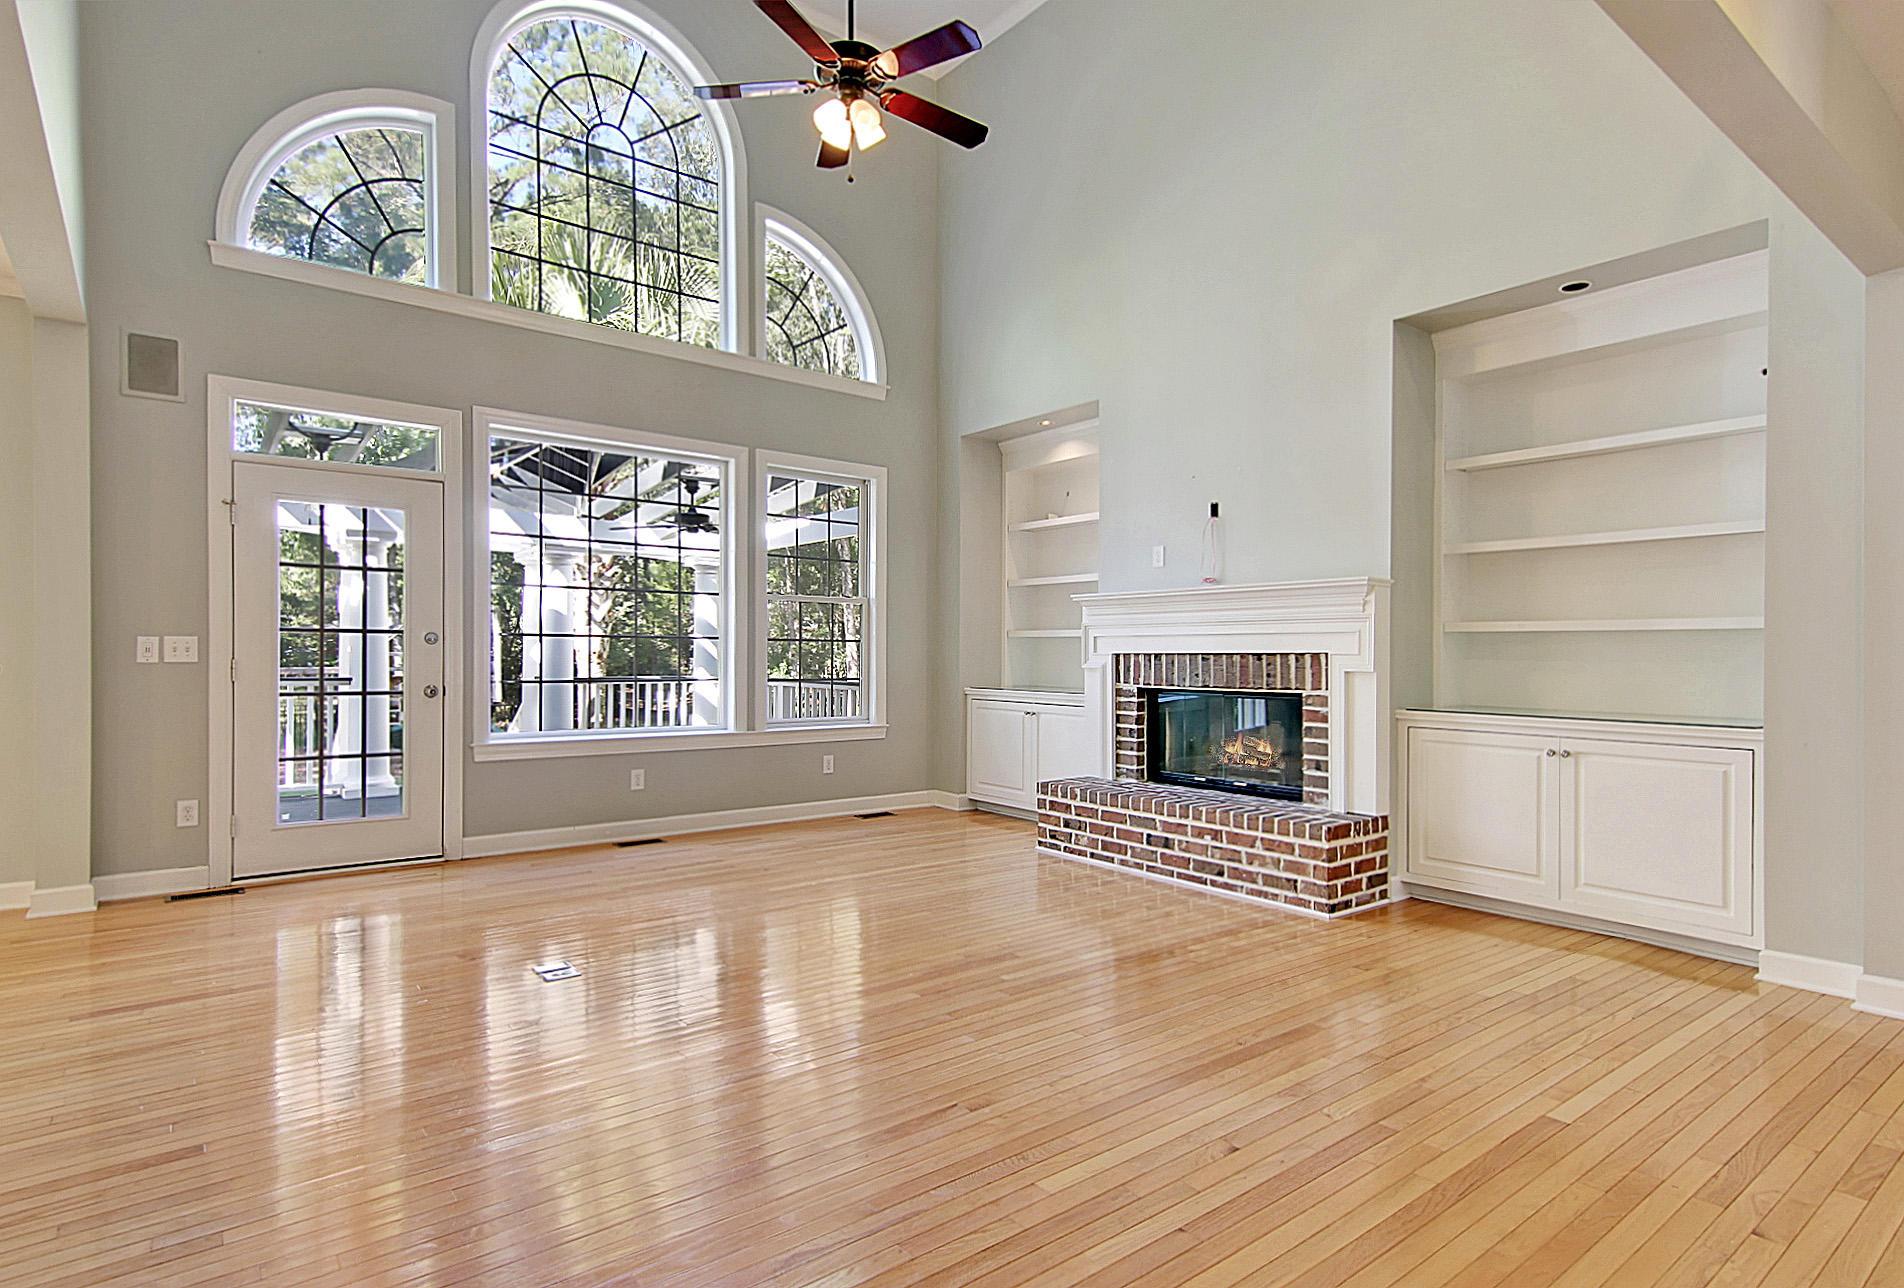 Dunes West Homes For Sale - 2236 Black Oak, Mount Pleasant, SC - 0